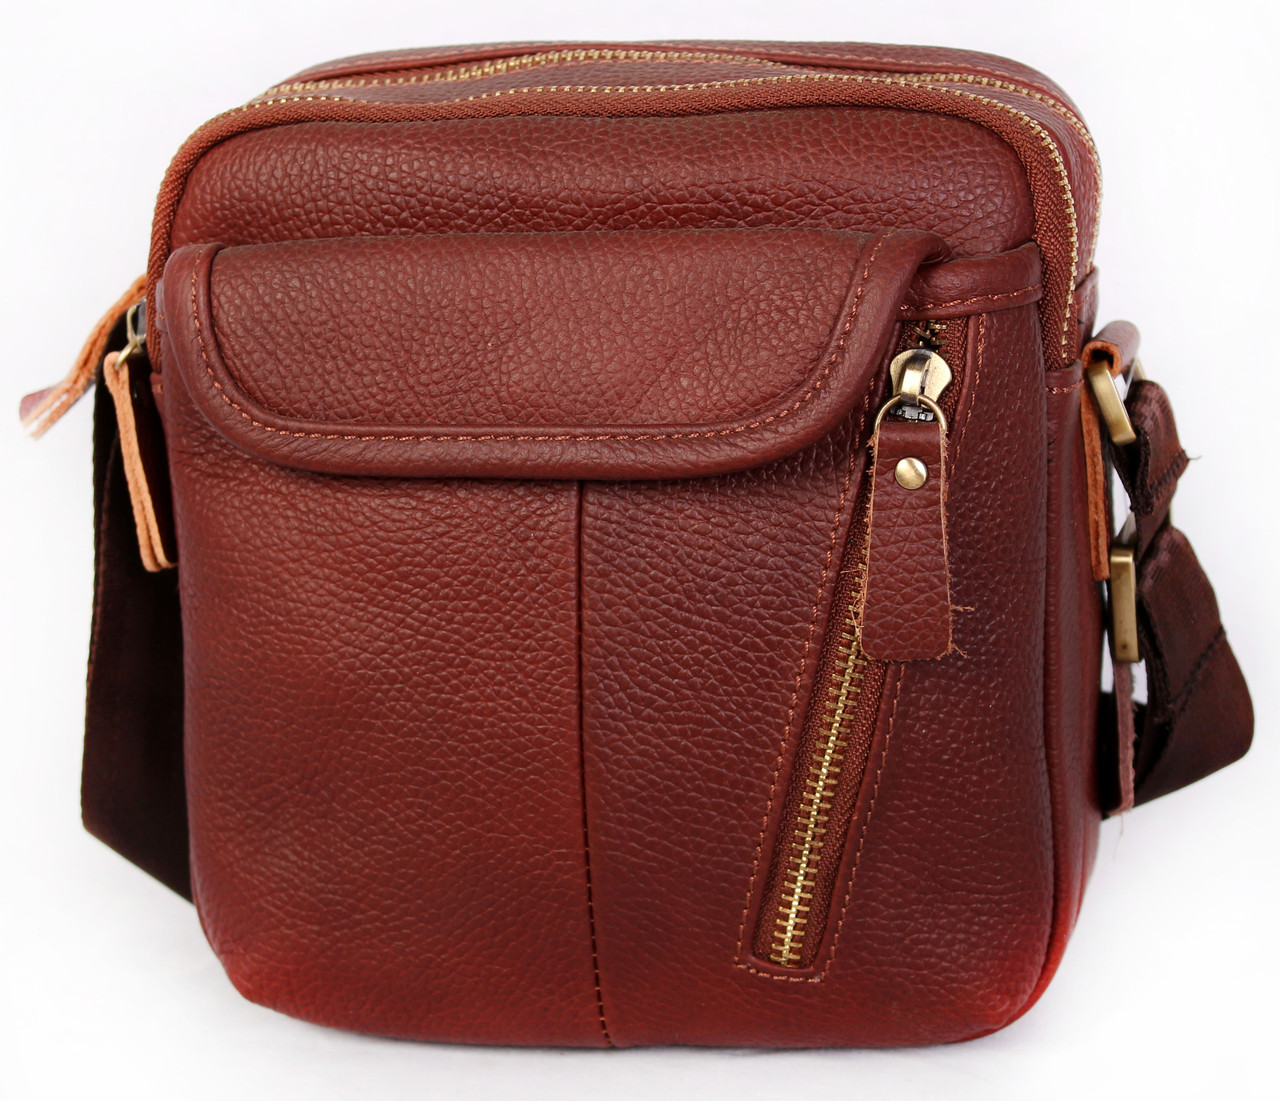 Мужская кожаная сумка 30114 коричневая